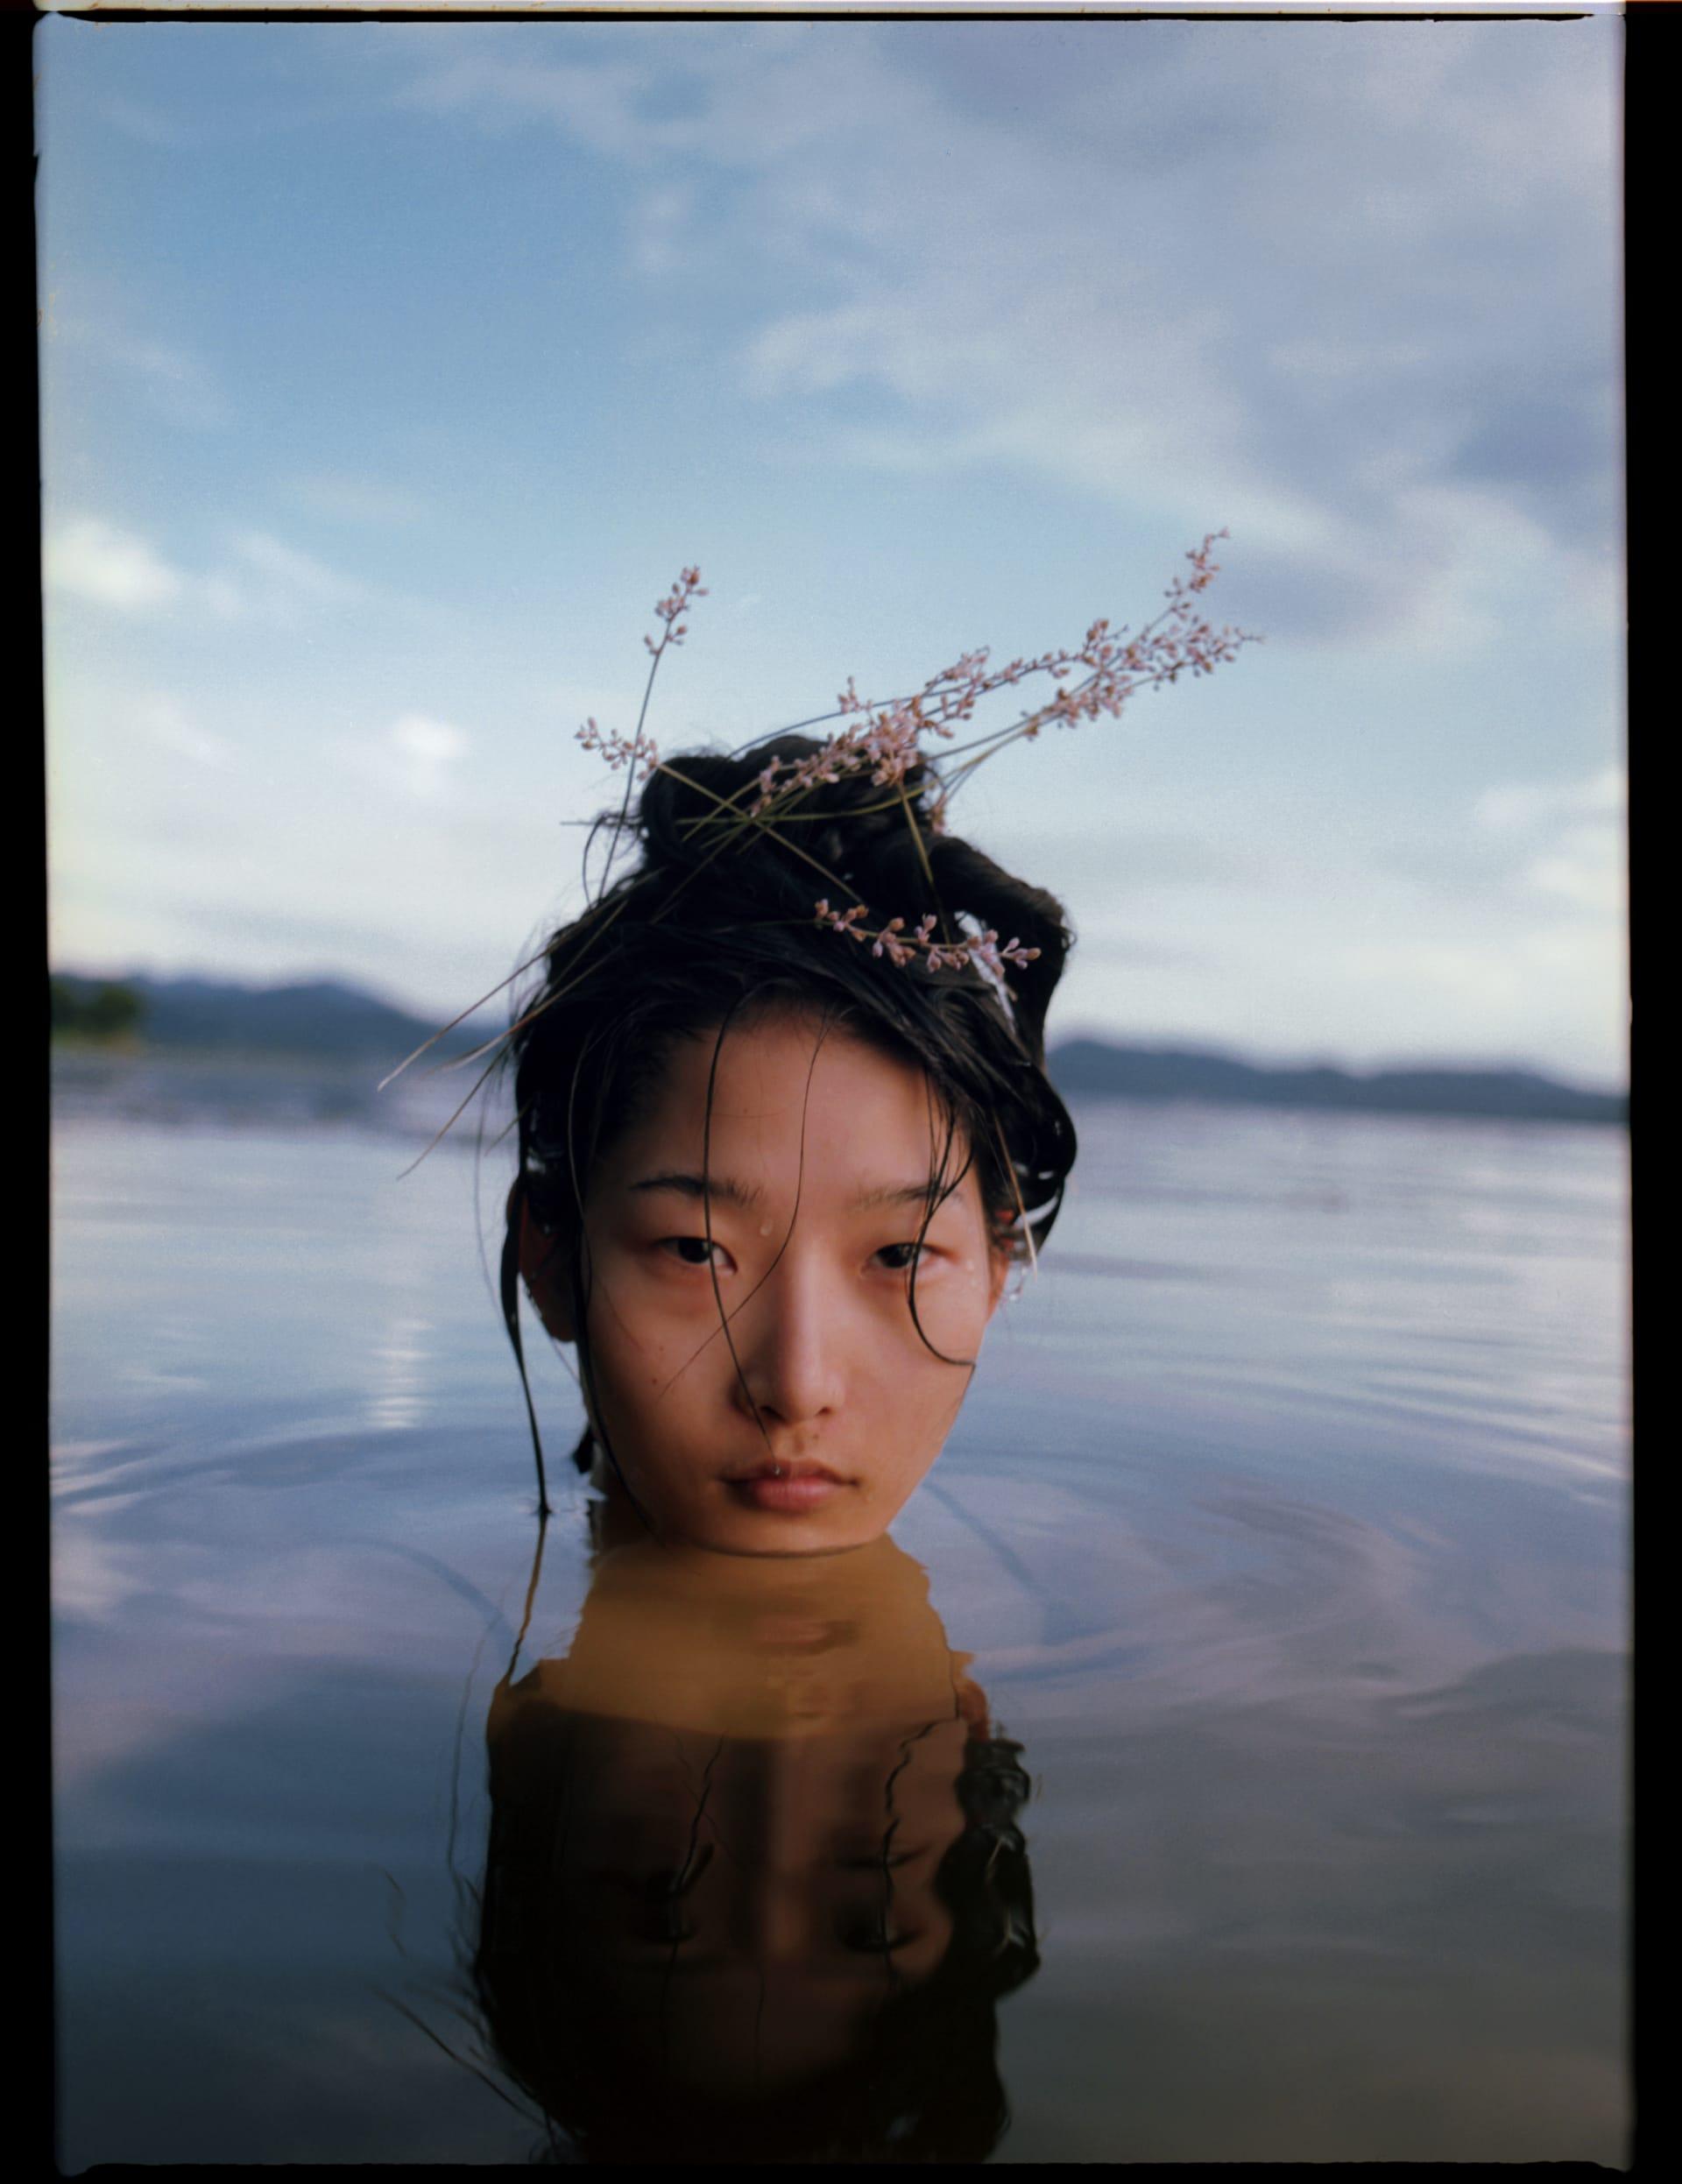 """""""نحن سنعيش هذا الصيف"""".. مصور يسترجع ذكريات الطفولة بلقطات مشبعة بالمياه وشمس الغروب"""